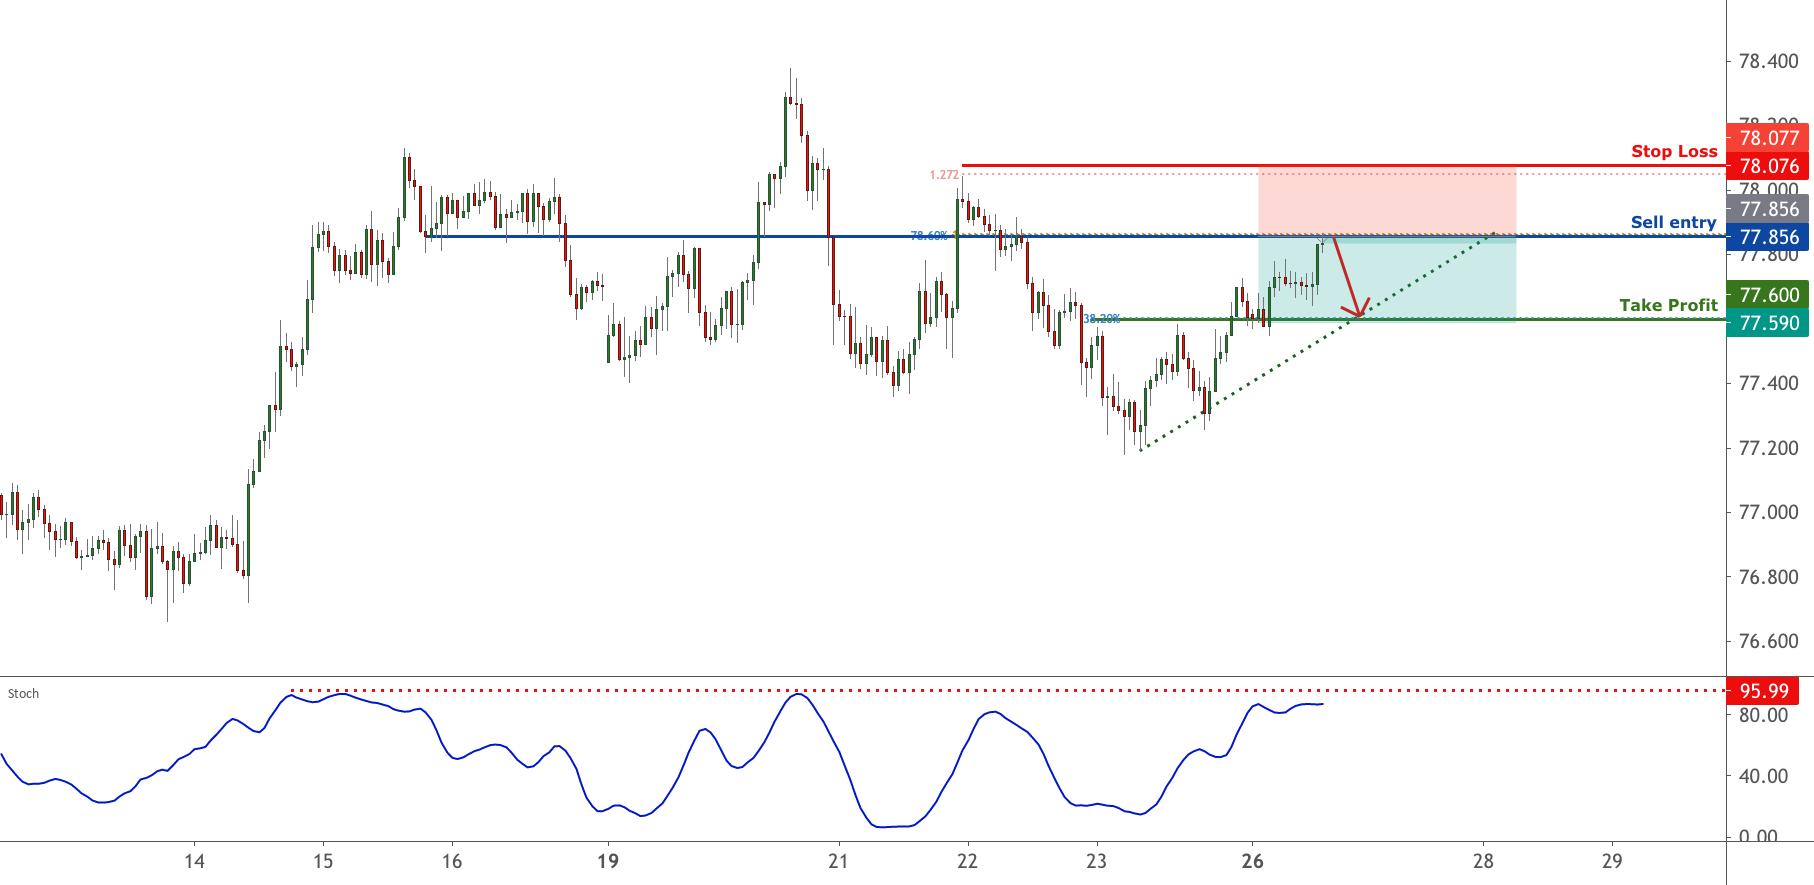 NZDJPY is testing resistance, potential reversal | 26 Apr 2021 for FX:NZDJPY by FXCM